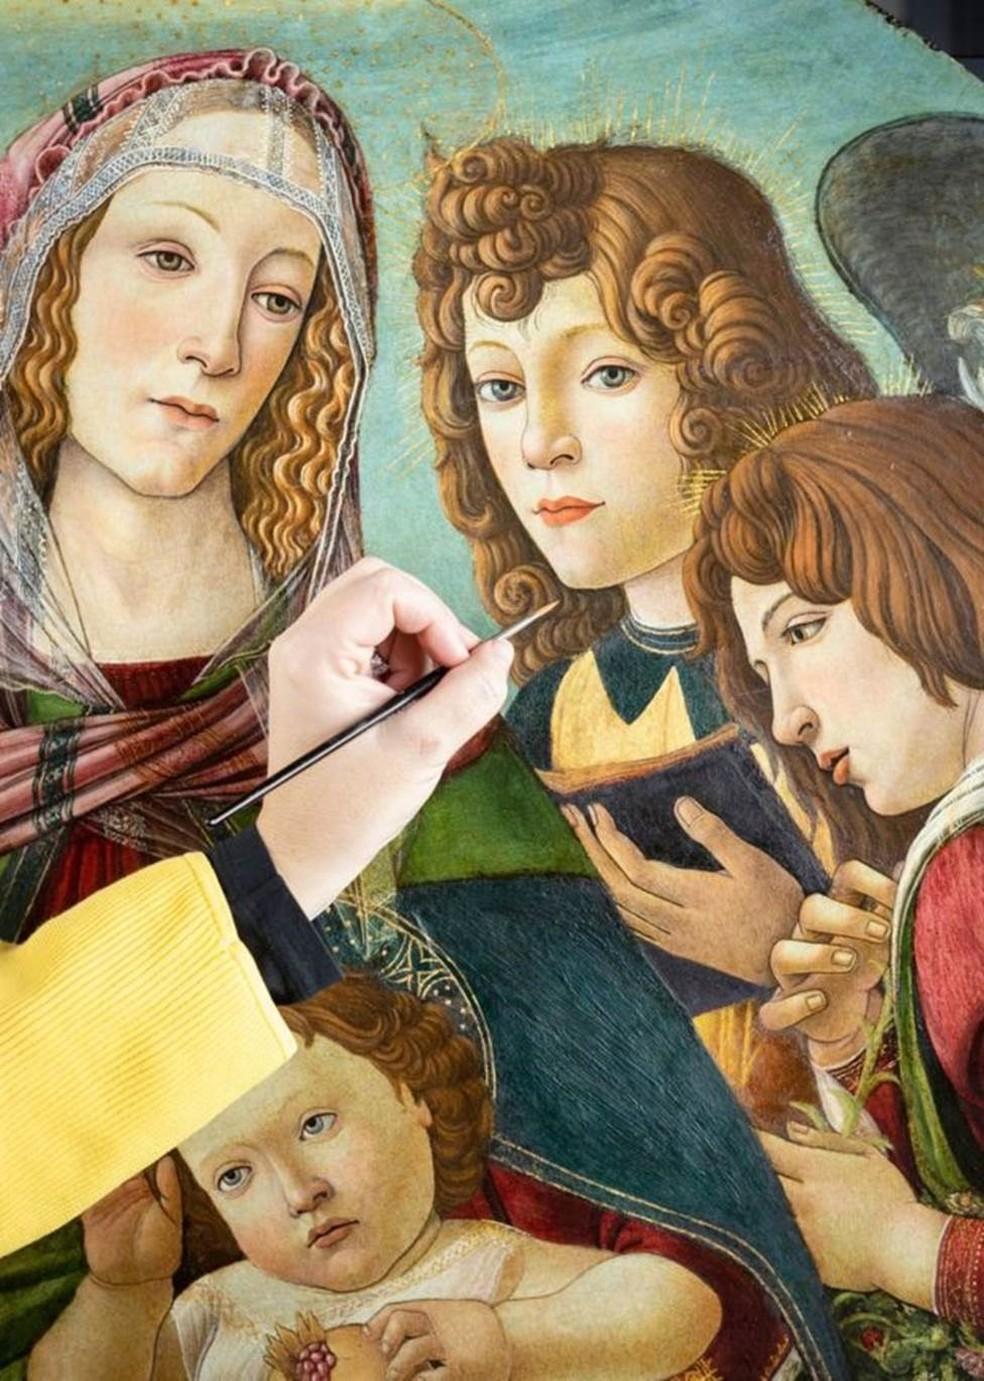 Embora seja menor do que a original, a pintura é primorosa, com detalhes dourados na auréola da Virgem Maria e nas asas dos anjos — Foto: ENGLISH HERITAGE